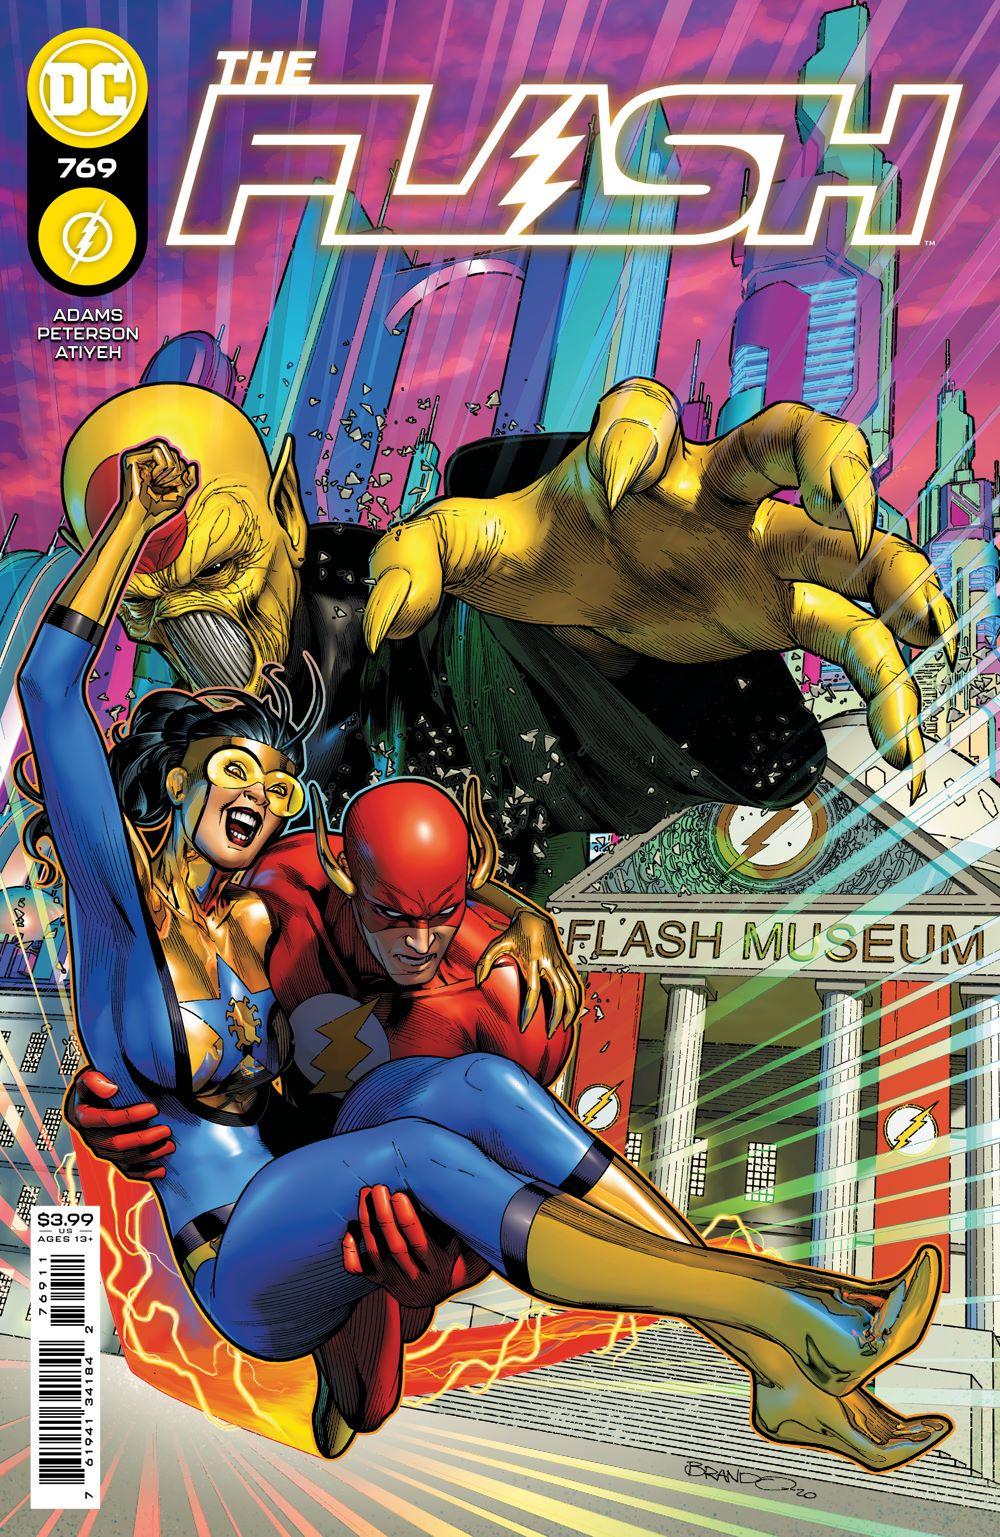 FLASH_Cv769 DC Comics April 2021 Solicitations